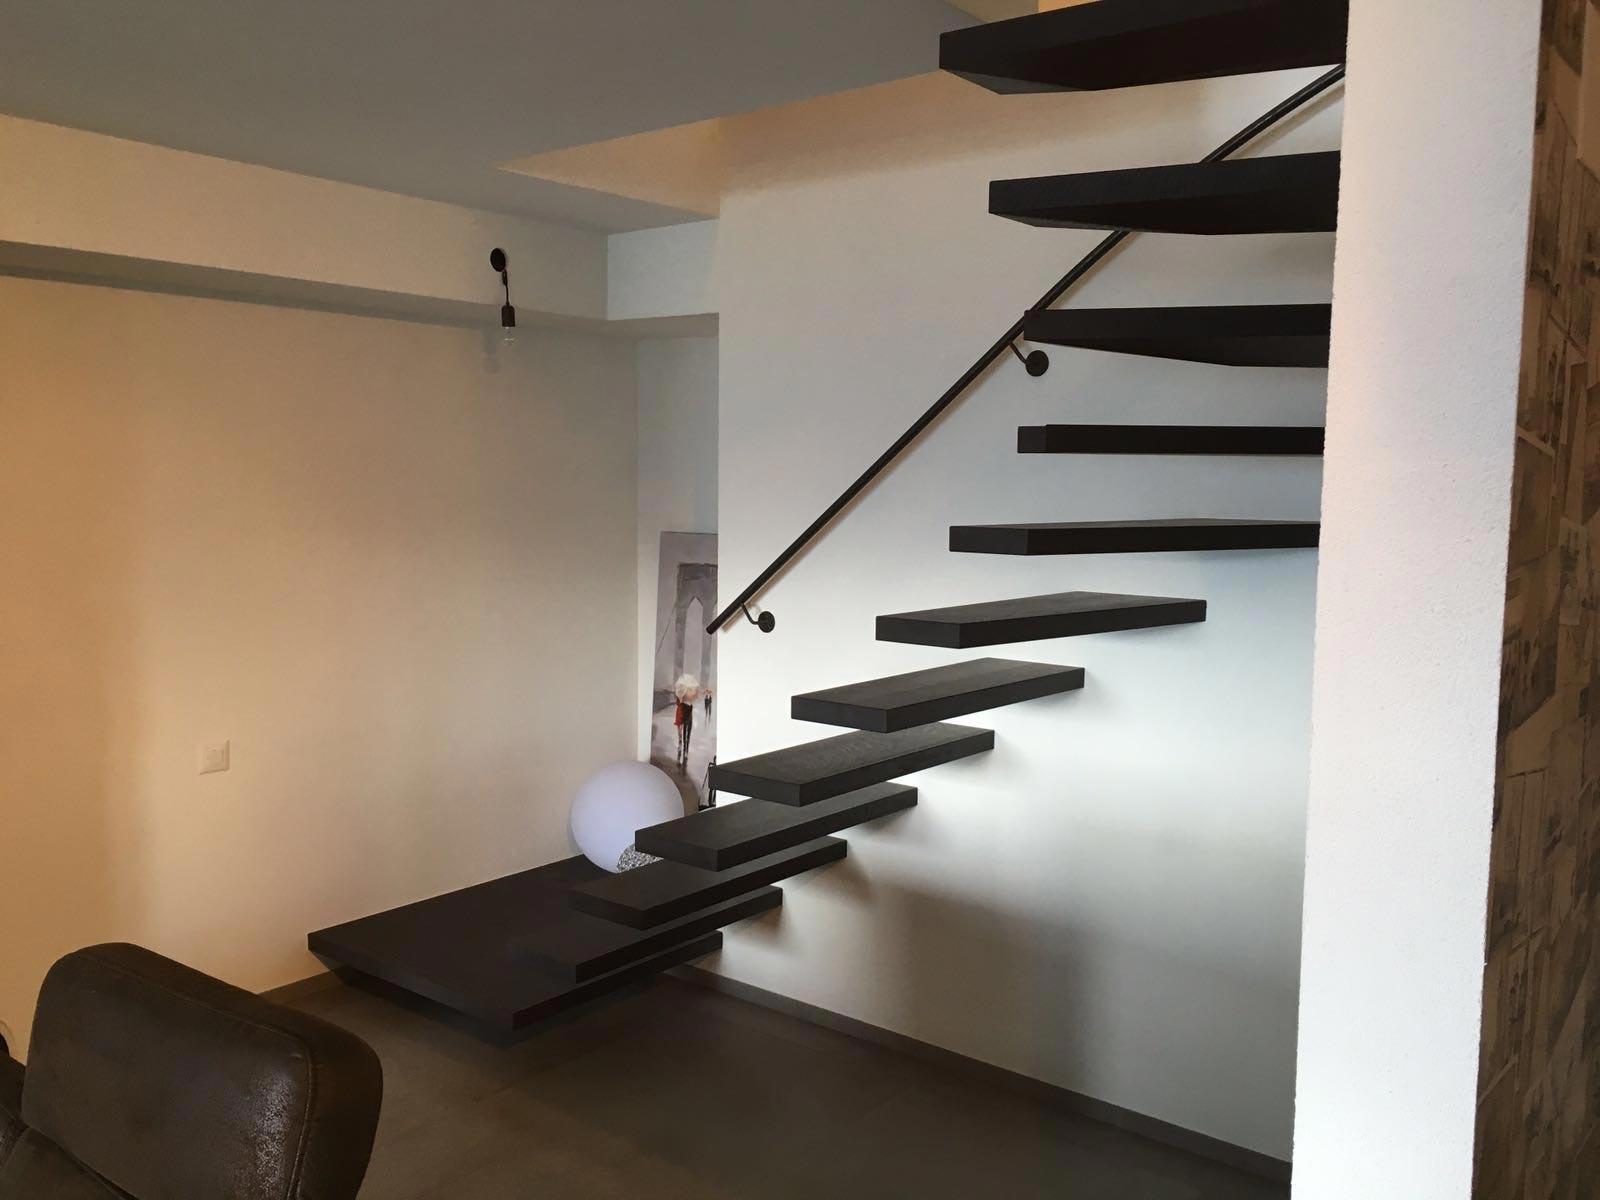 ES Anz 6119 escalier hor 20 05 001 - Escaliers en apesanteurs